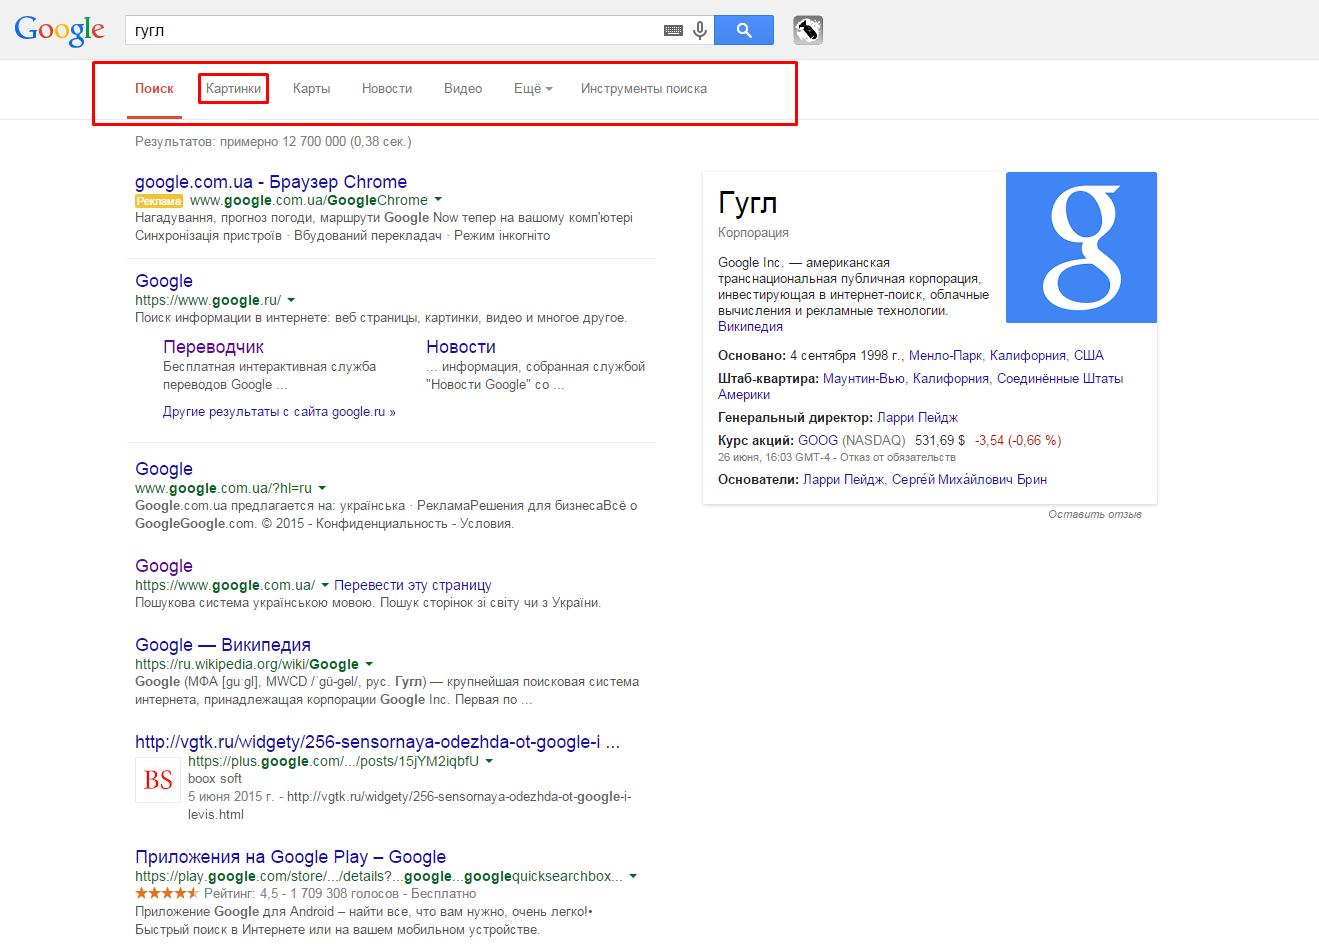 Как в гугл сделать поиск по картинке